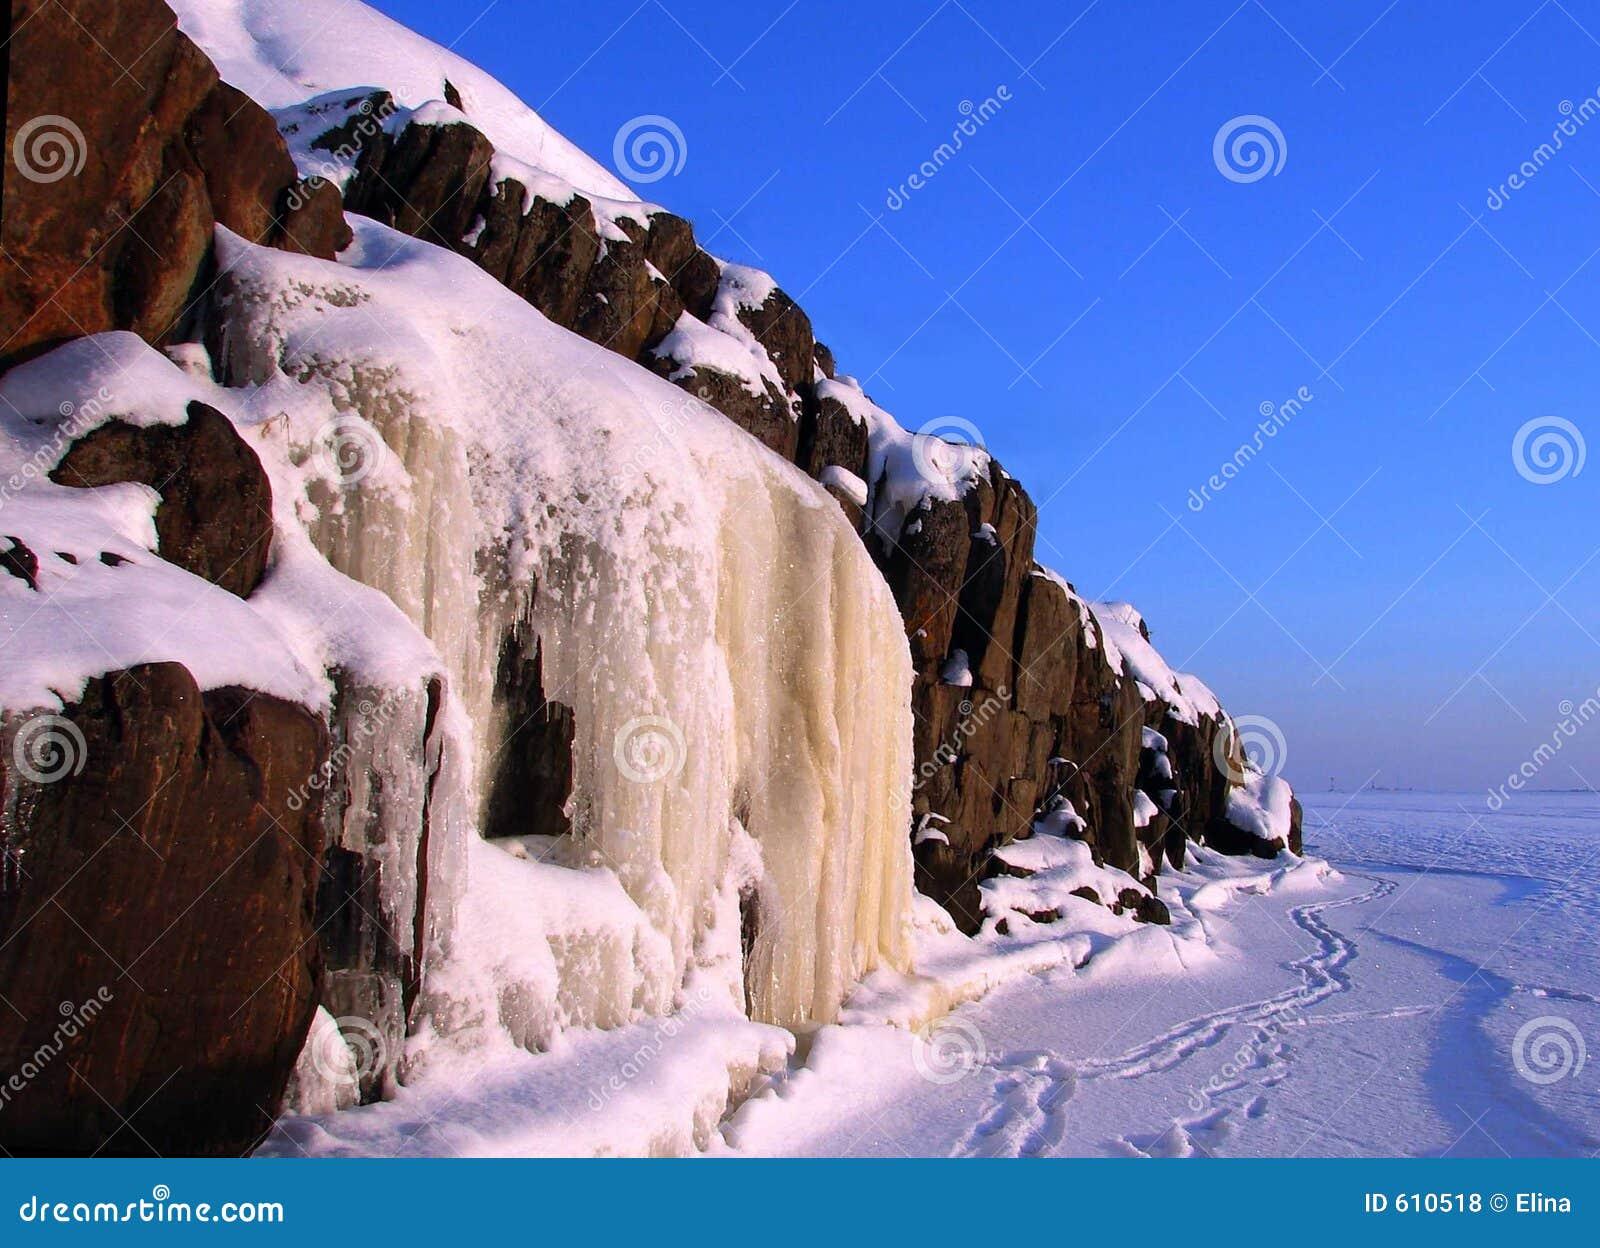 De waterval van het ijs